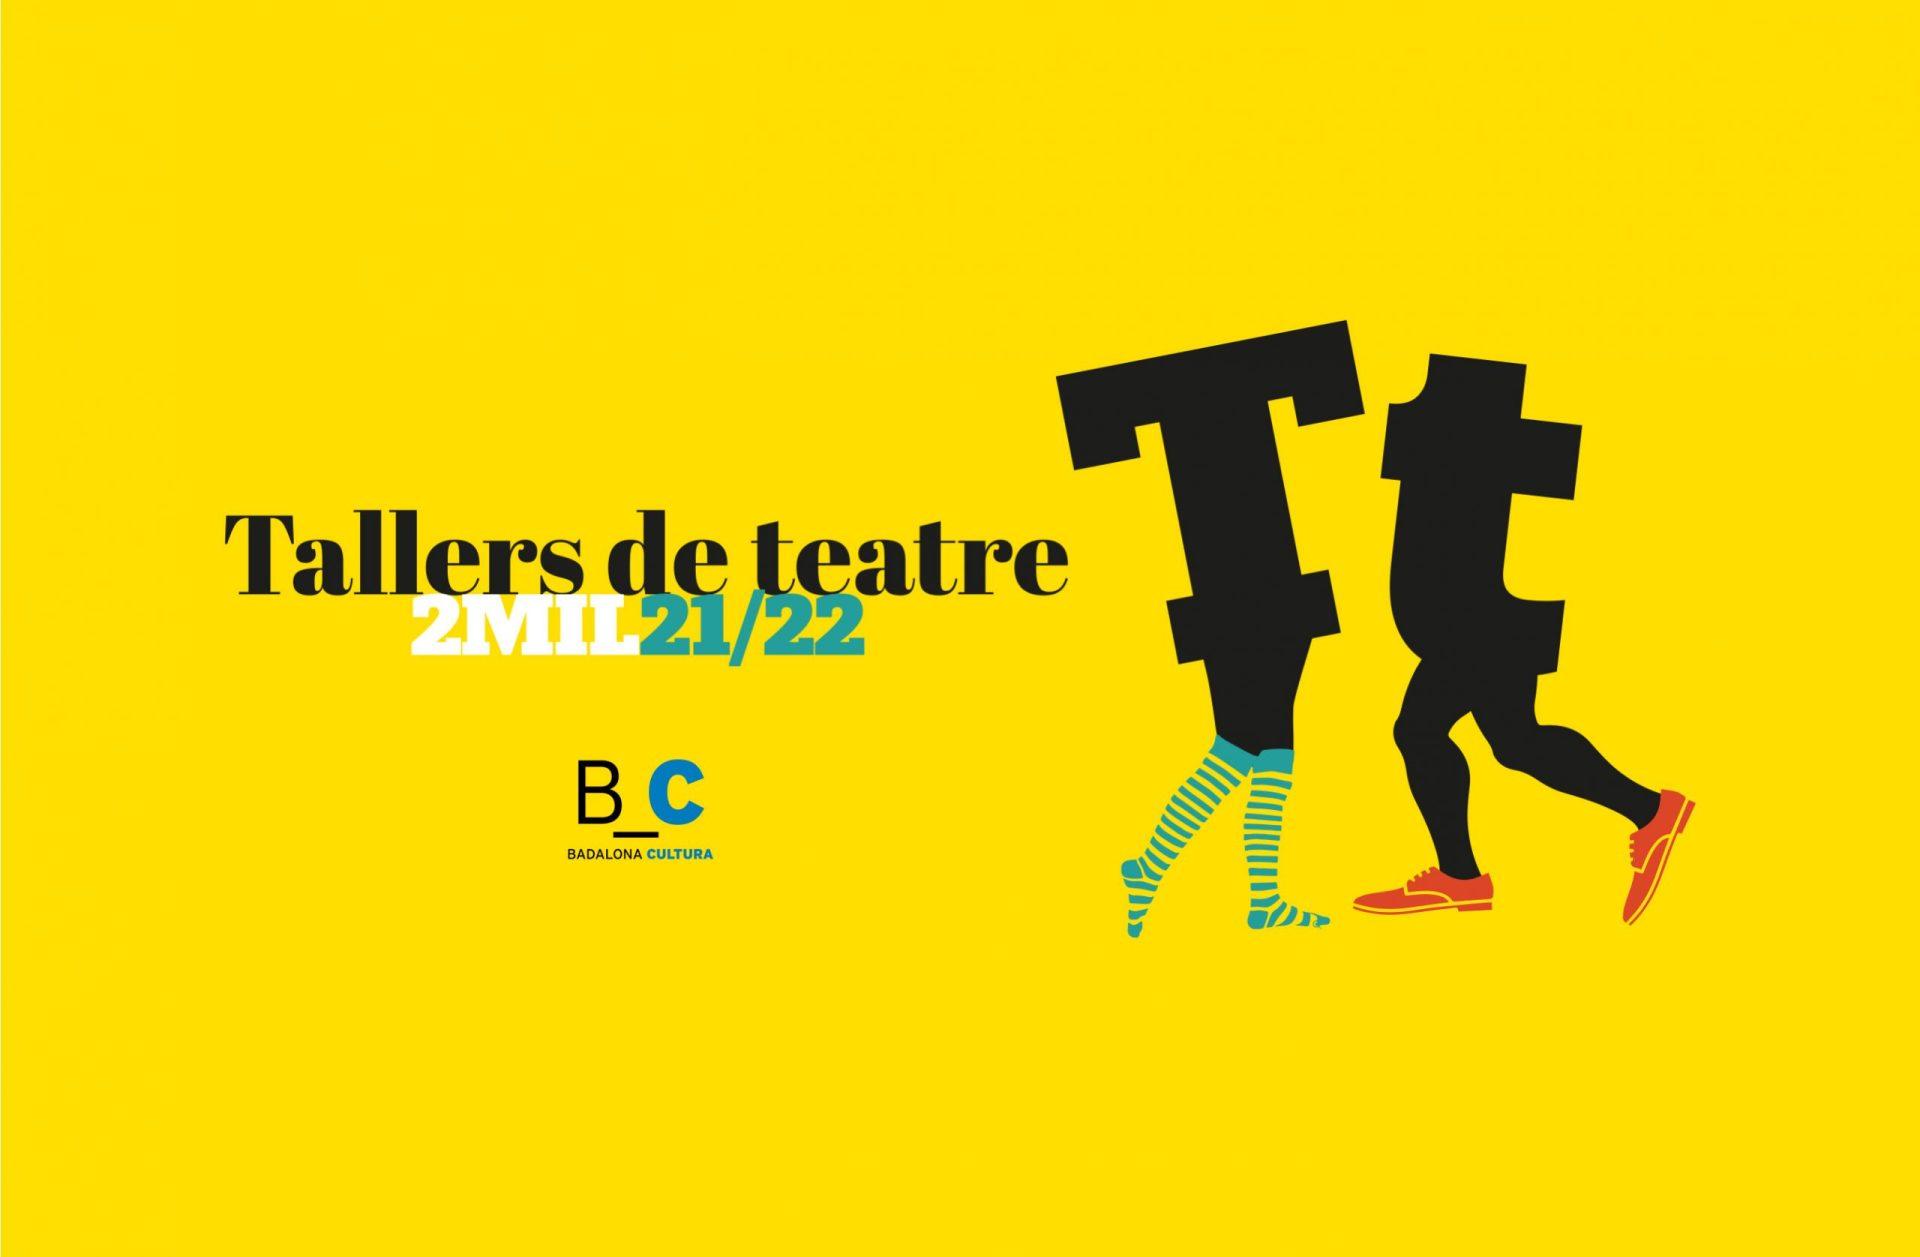 Badalona Cultura tallers de teatre